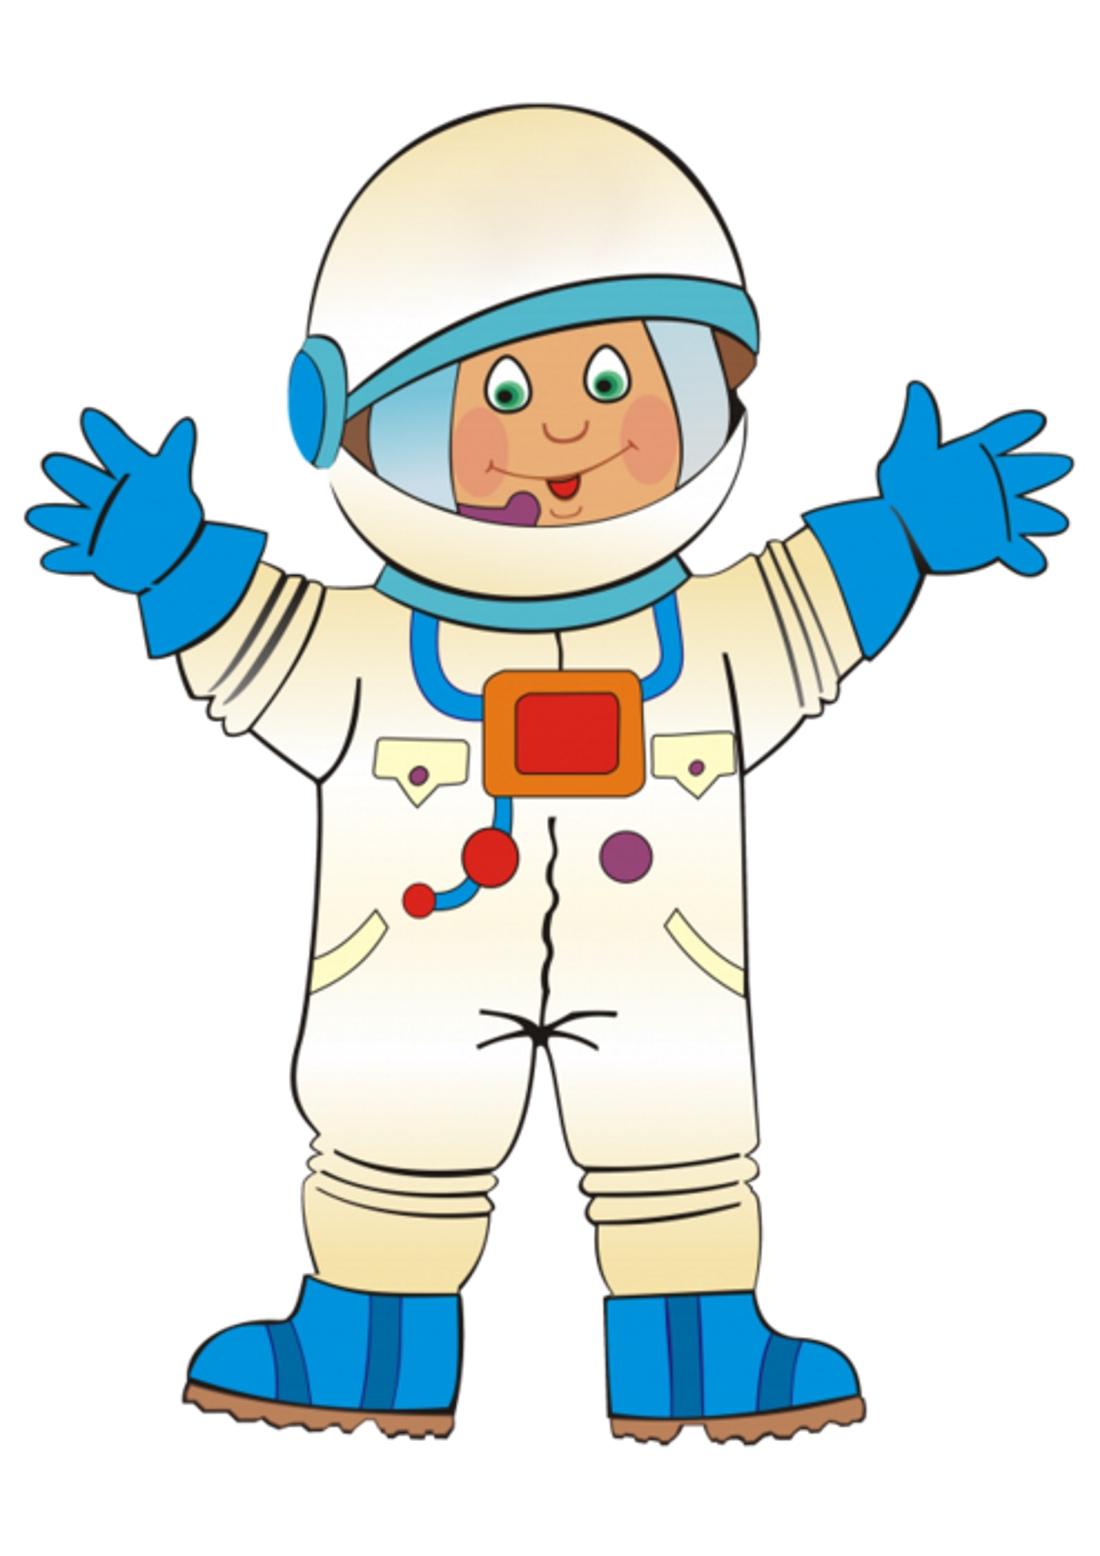 Открытку через, космонавт картинки для детей на прозрачном фоне